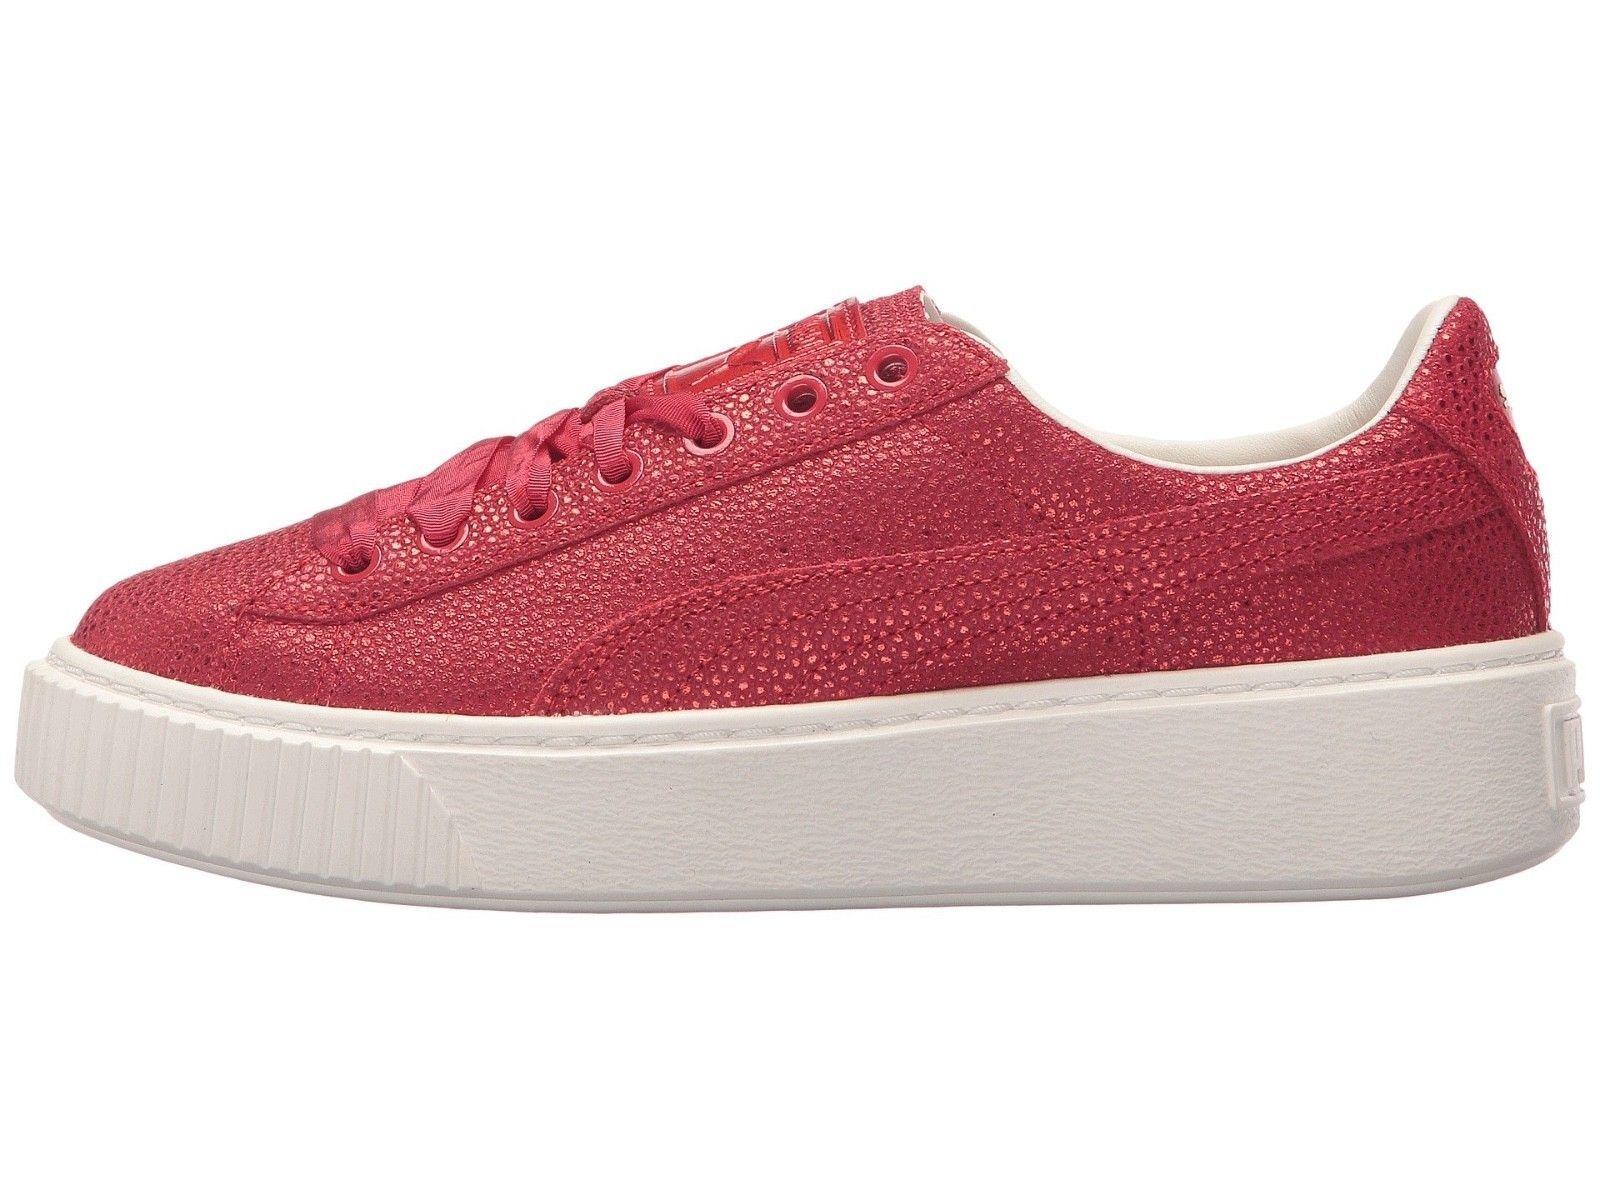 Puma Suede Classic Damen Schuhe Sneaker 355462 Turnschuhe Womens Rosa